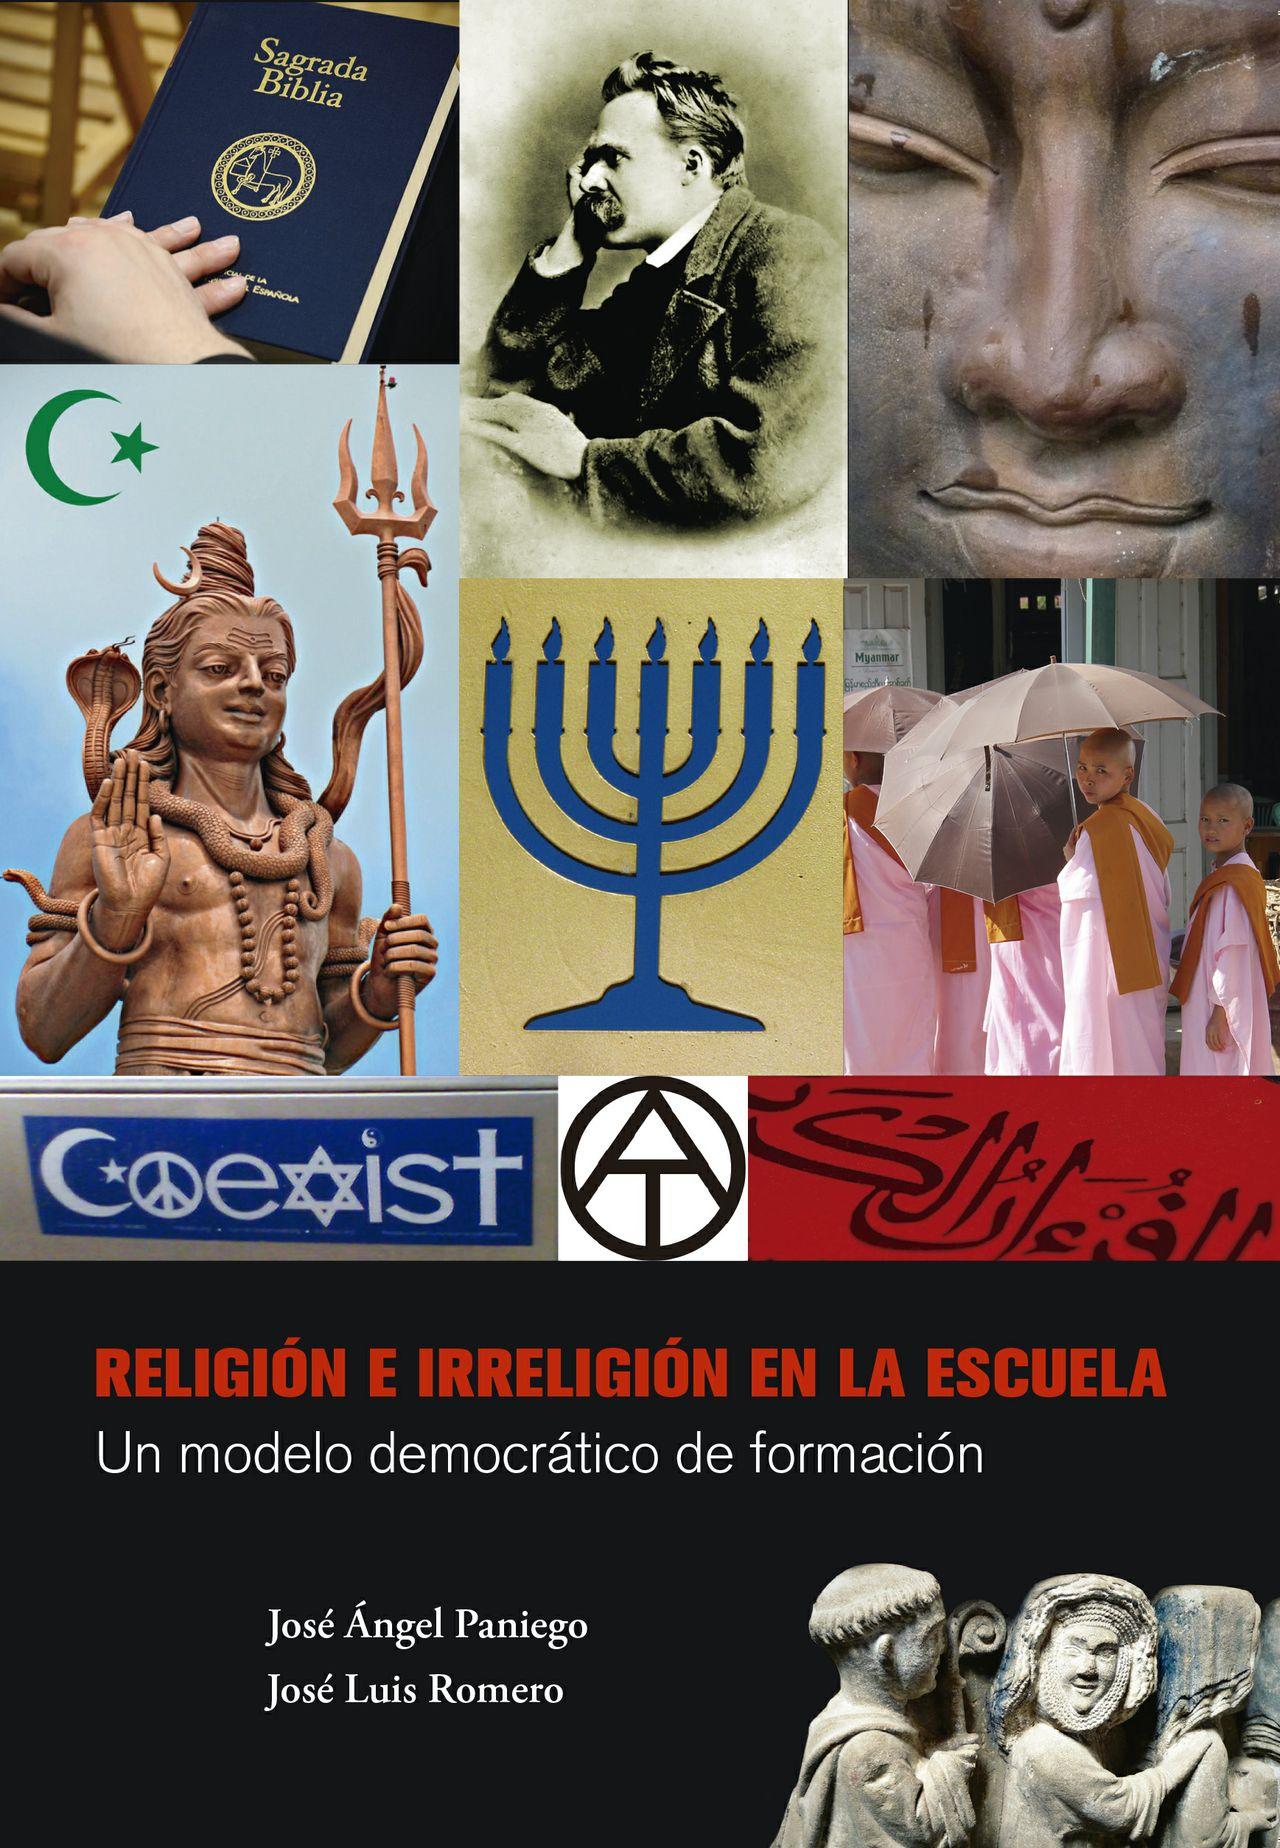 Religión e irreligión en la escuela – José Ángel Paniego y José Luis Romero